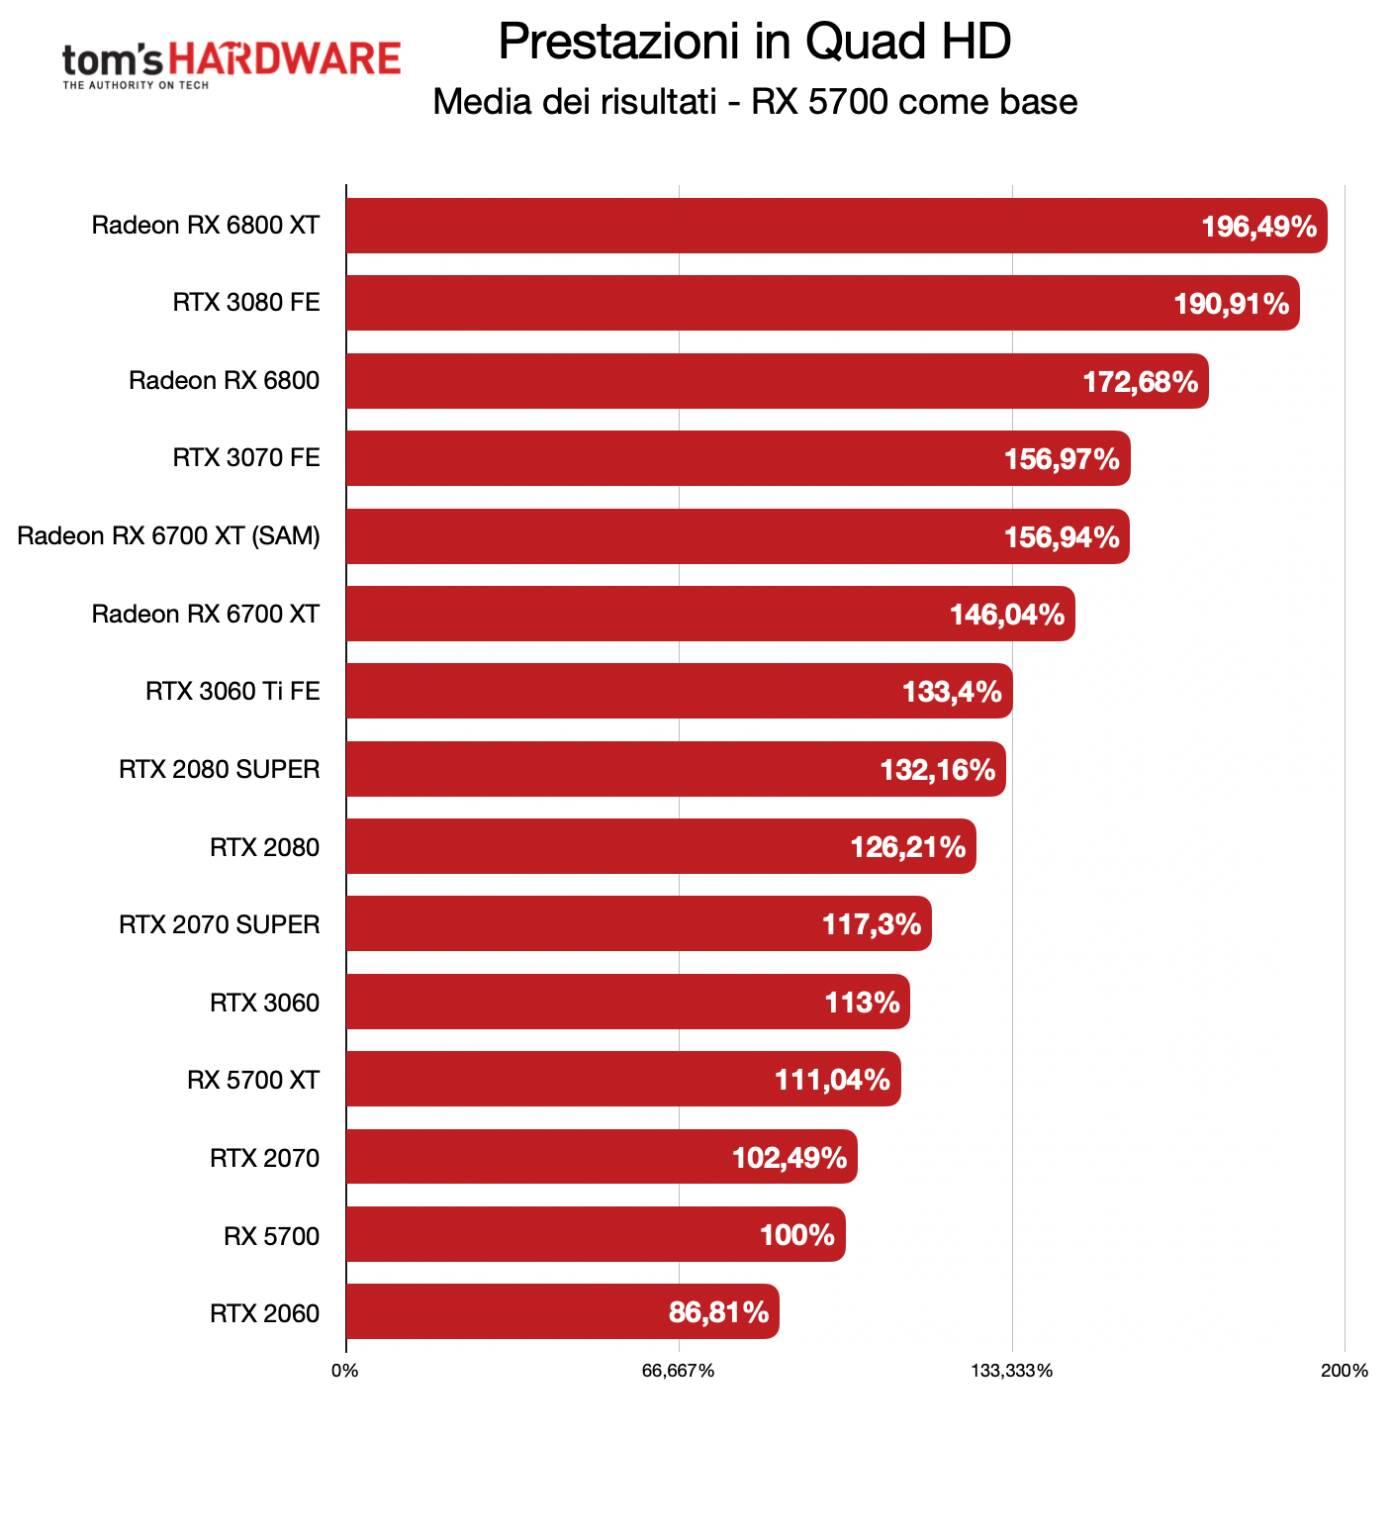 Benchmark Radeon RX 6700 XT - QHD - diff. % TX 5700